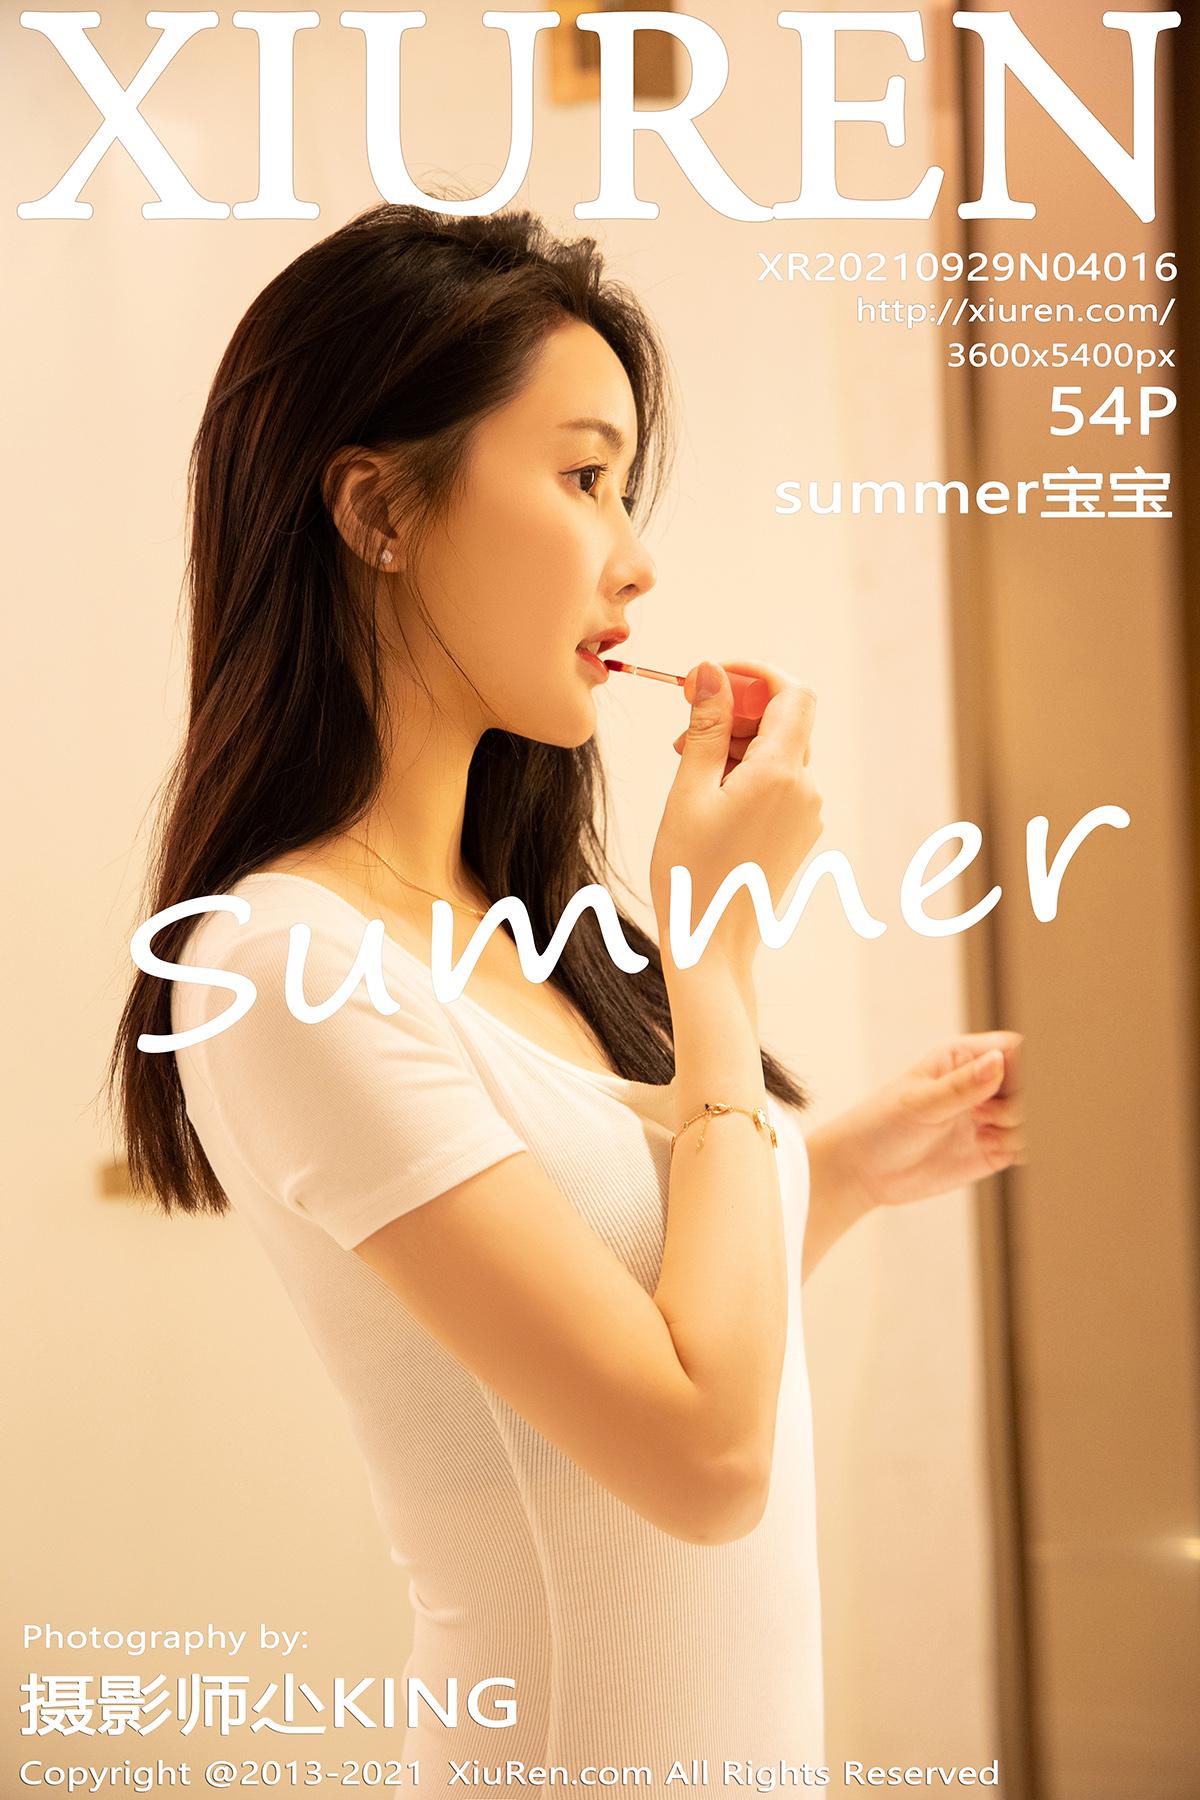 [XiuRen秀人網] 2021.09.29 No.4016 summer寶寶 第三套寫真 [54P] - 貼圖 - 清涼寫真 -